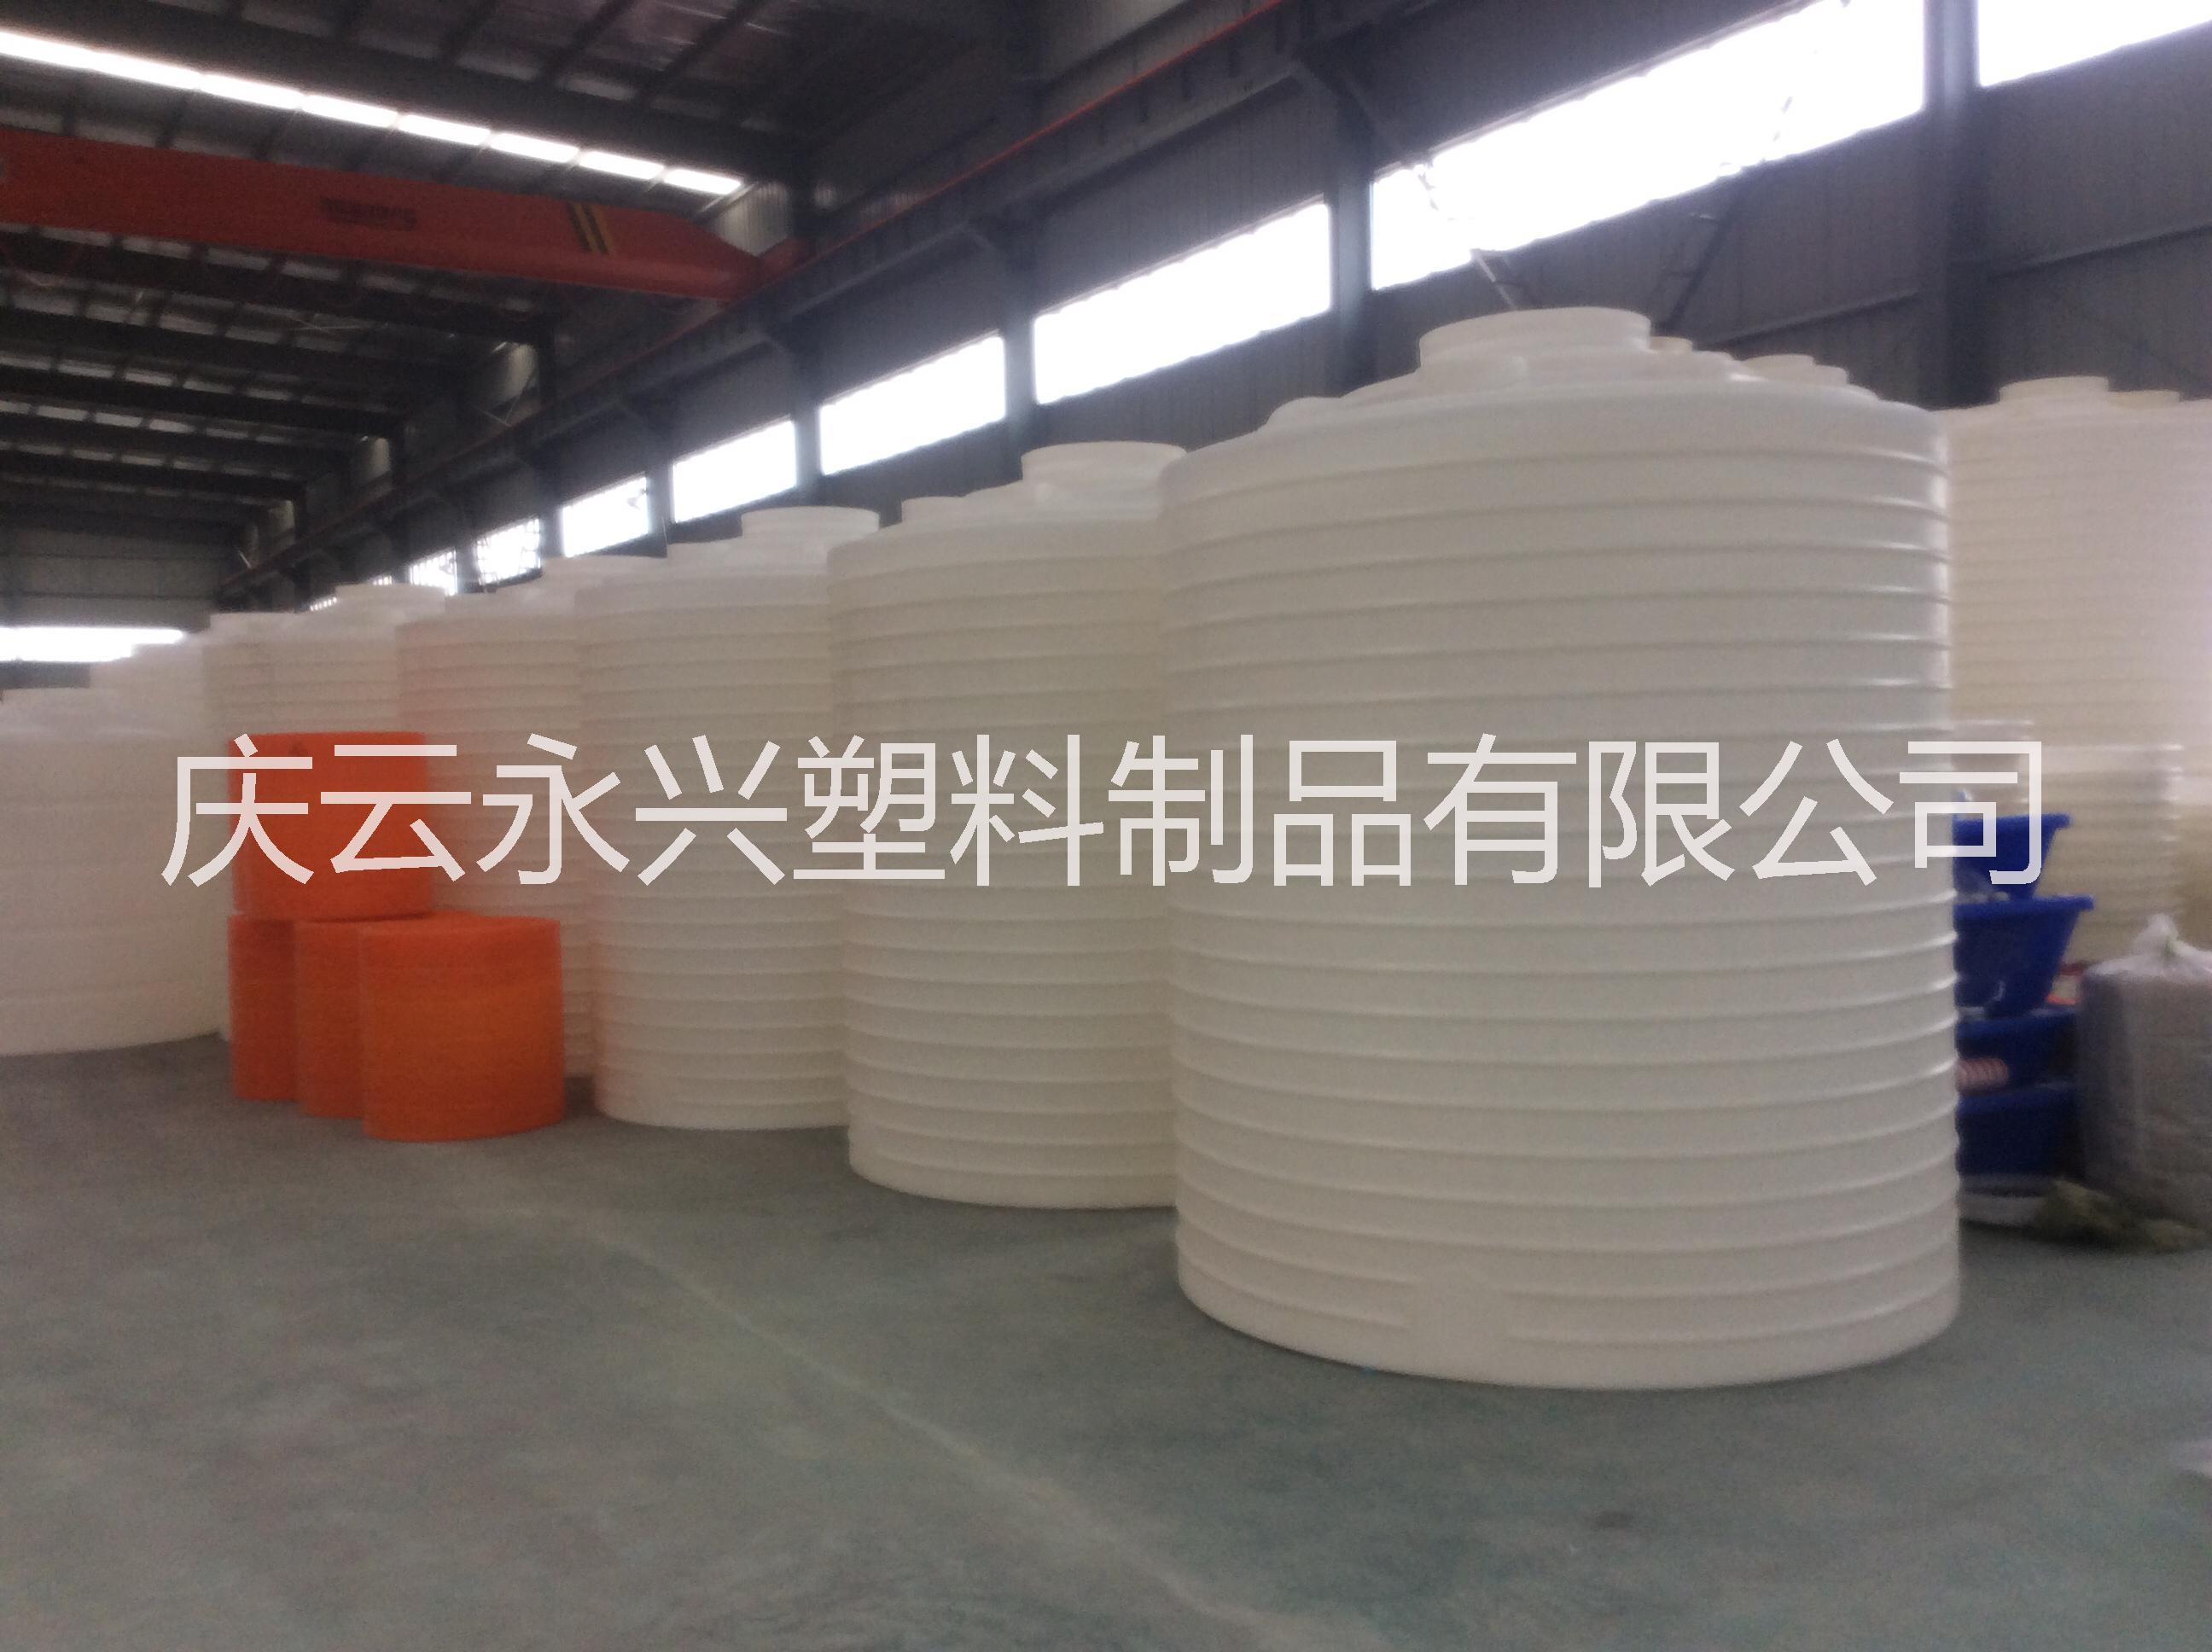 20吨塑料桶厂 山东厂家供应20吨塑料桶 临沂供应20吨大水桶  山东20吨塑料桶厂家